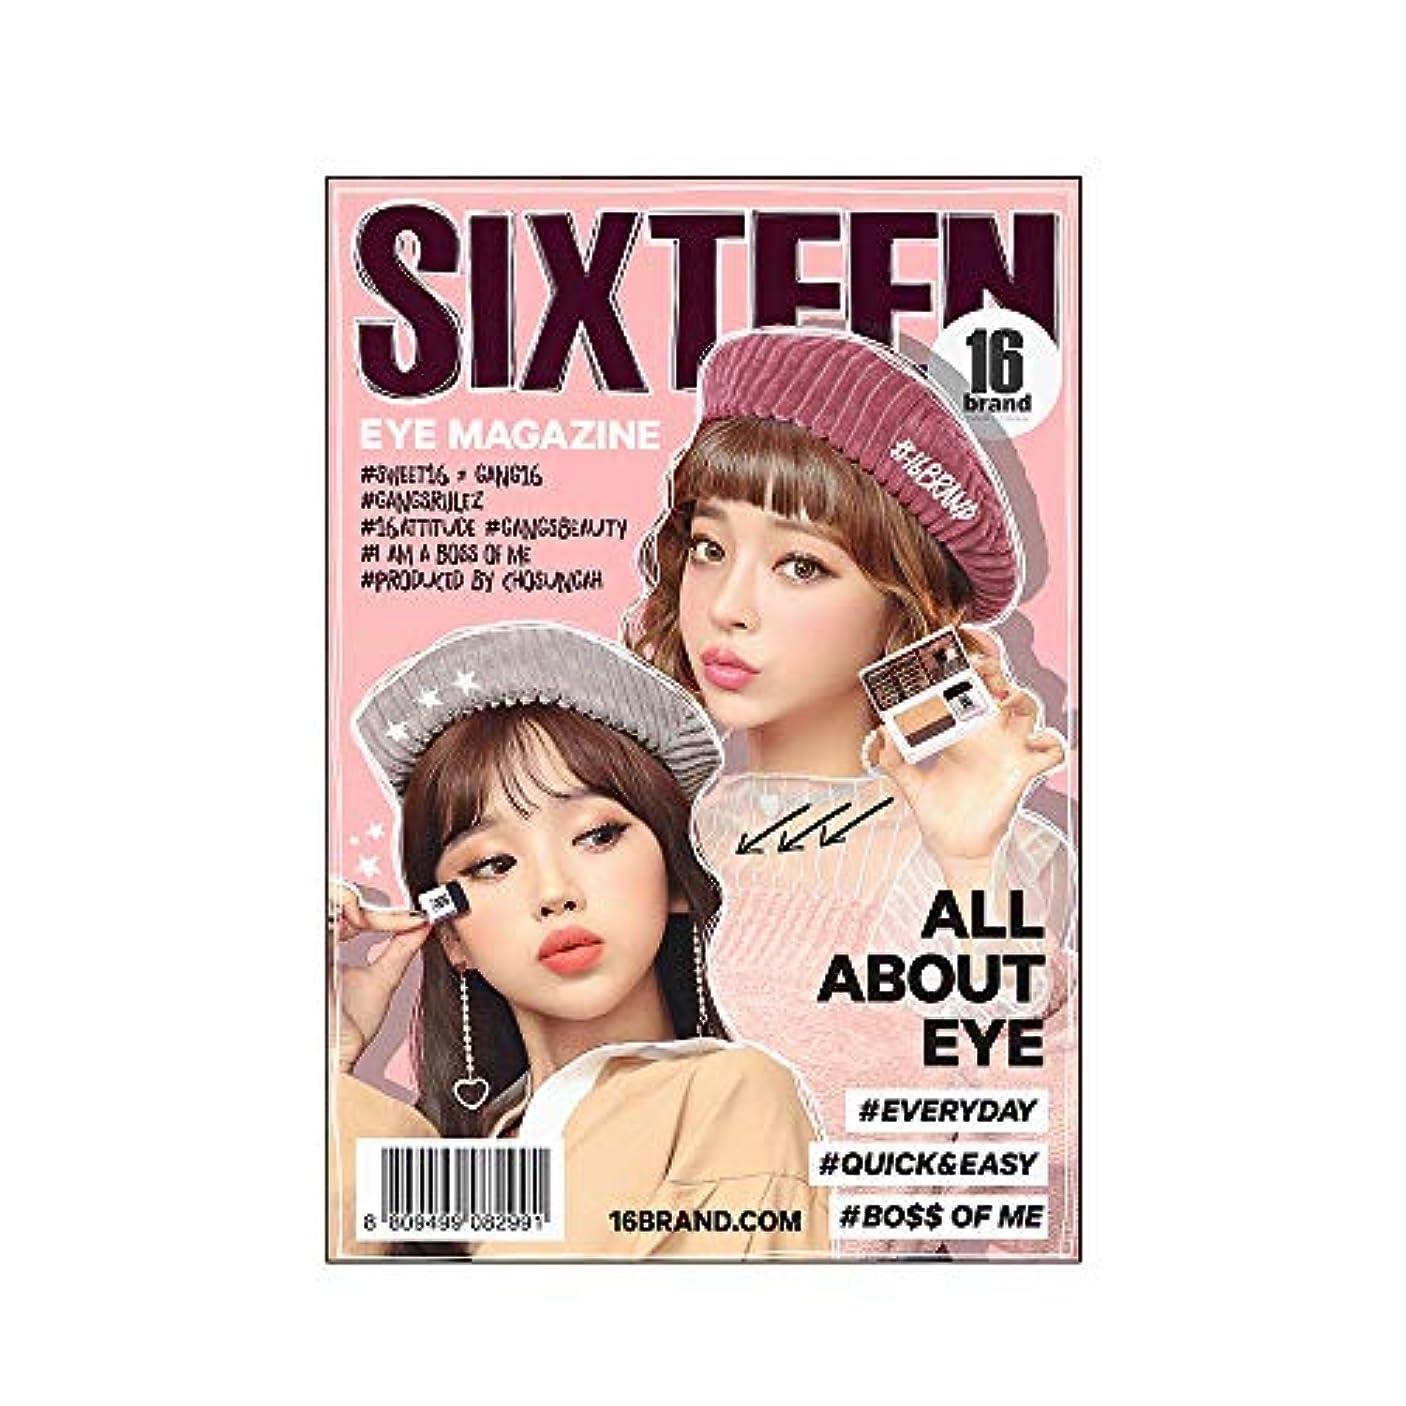 抽象化コンテンツリング16brand 16 Eye Magazine 2g /16ブランド 16 アイマガジン 2g [国内正規品](エブリディ)